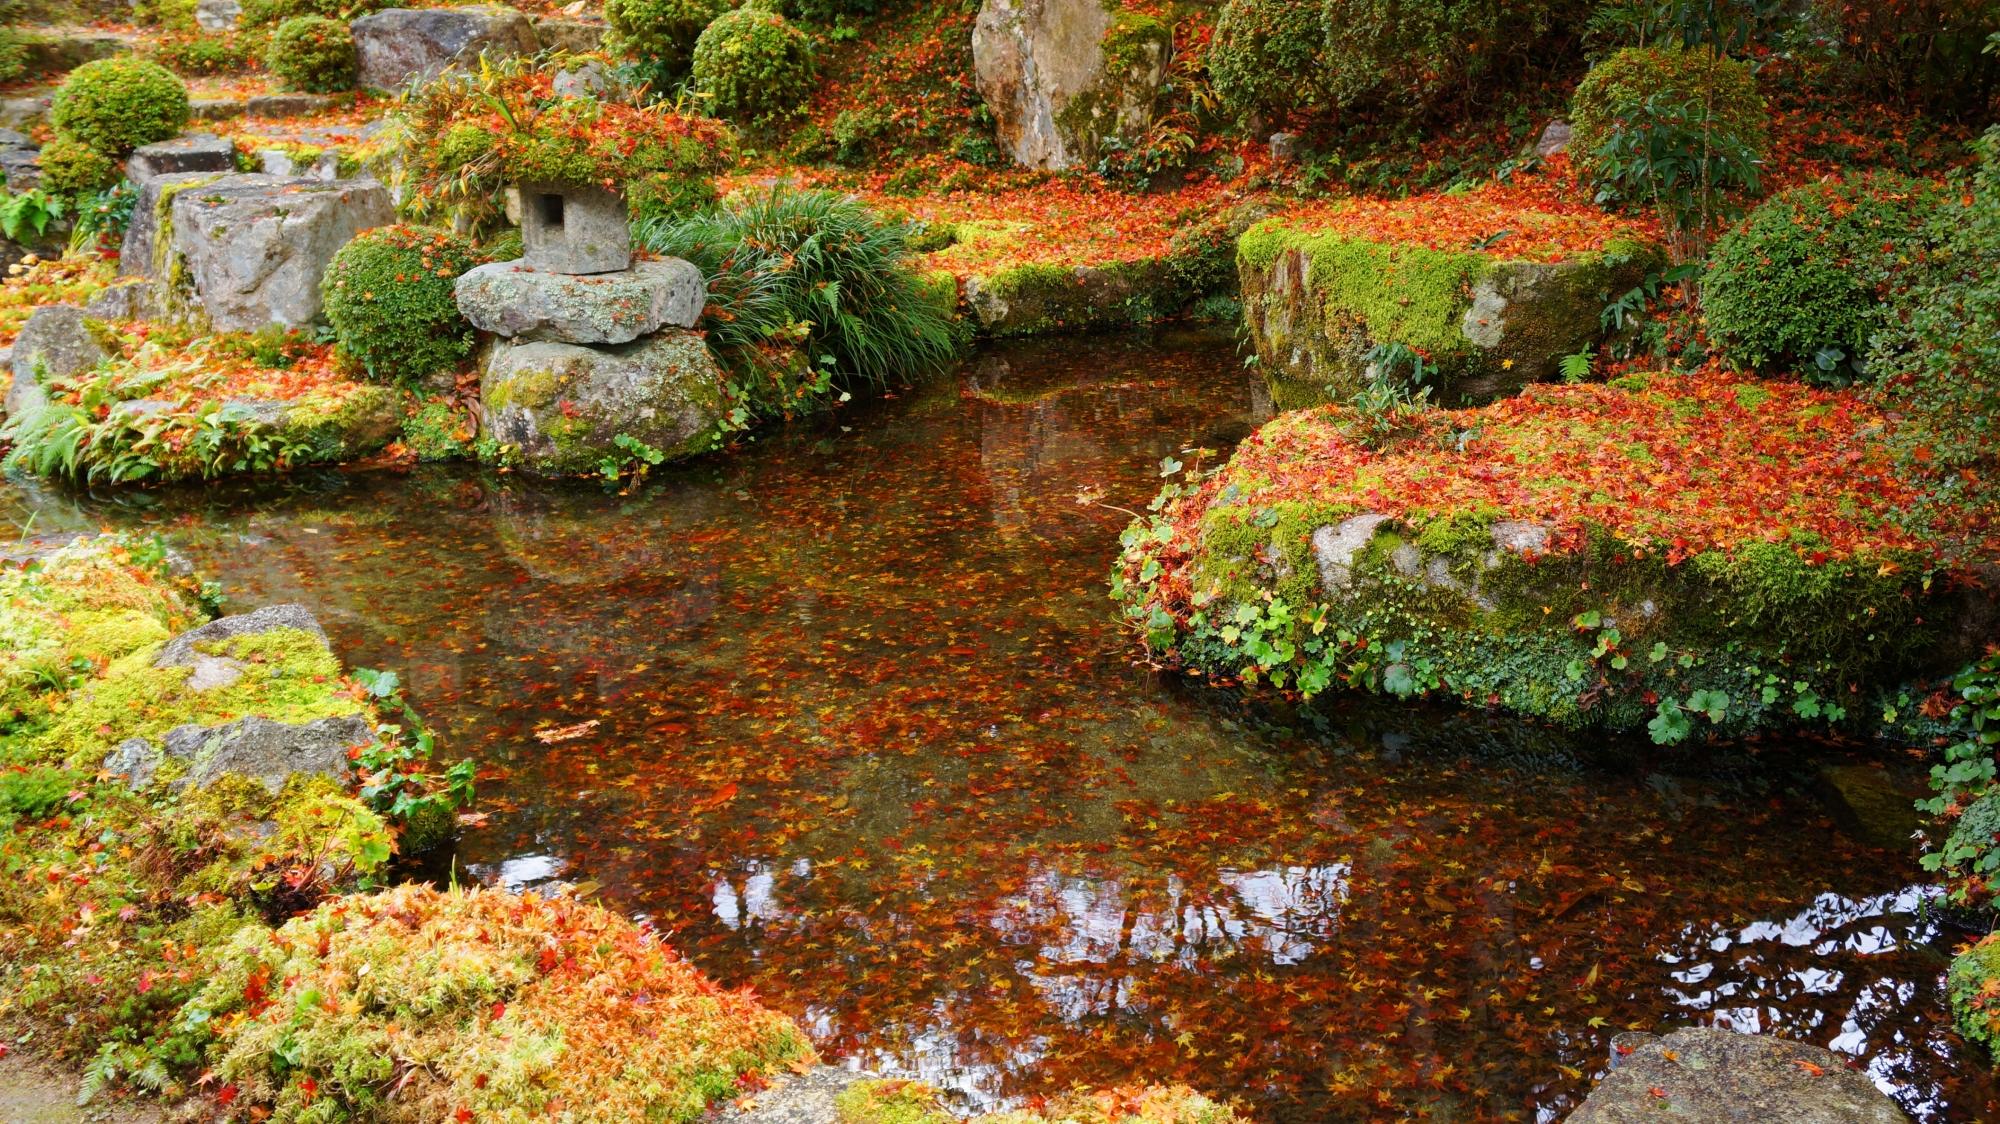 鮮やかな色合いを見せてくれる水の中に沈んだ散り紅葉